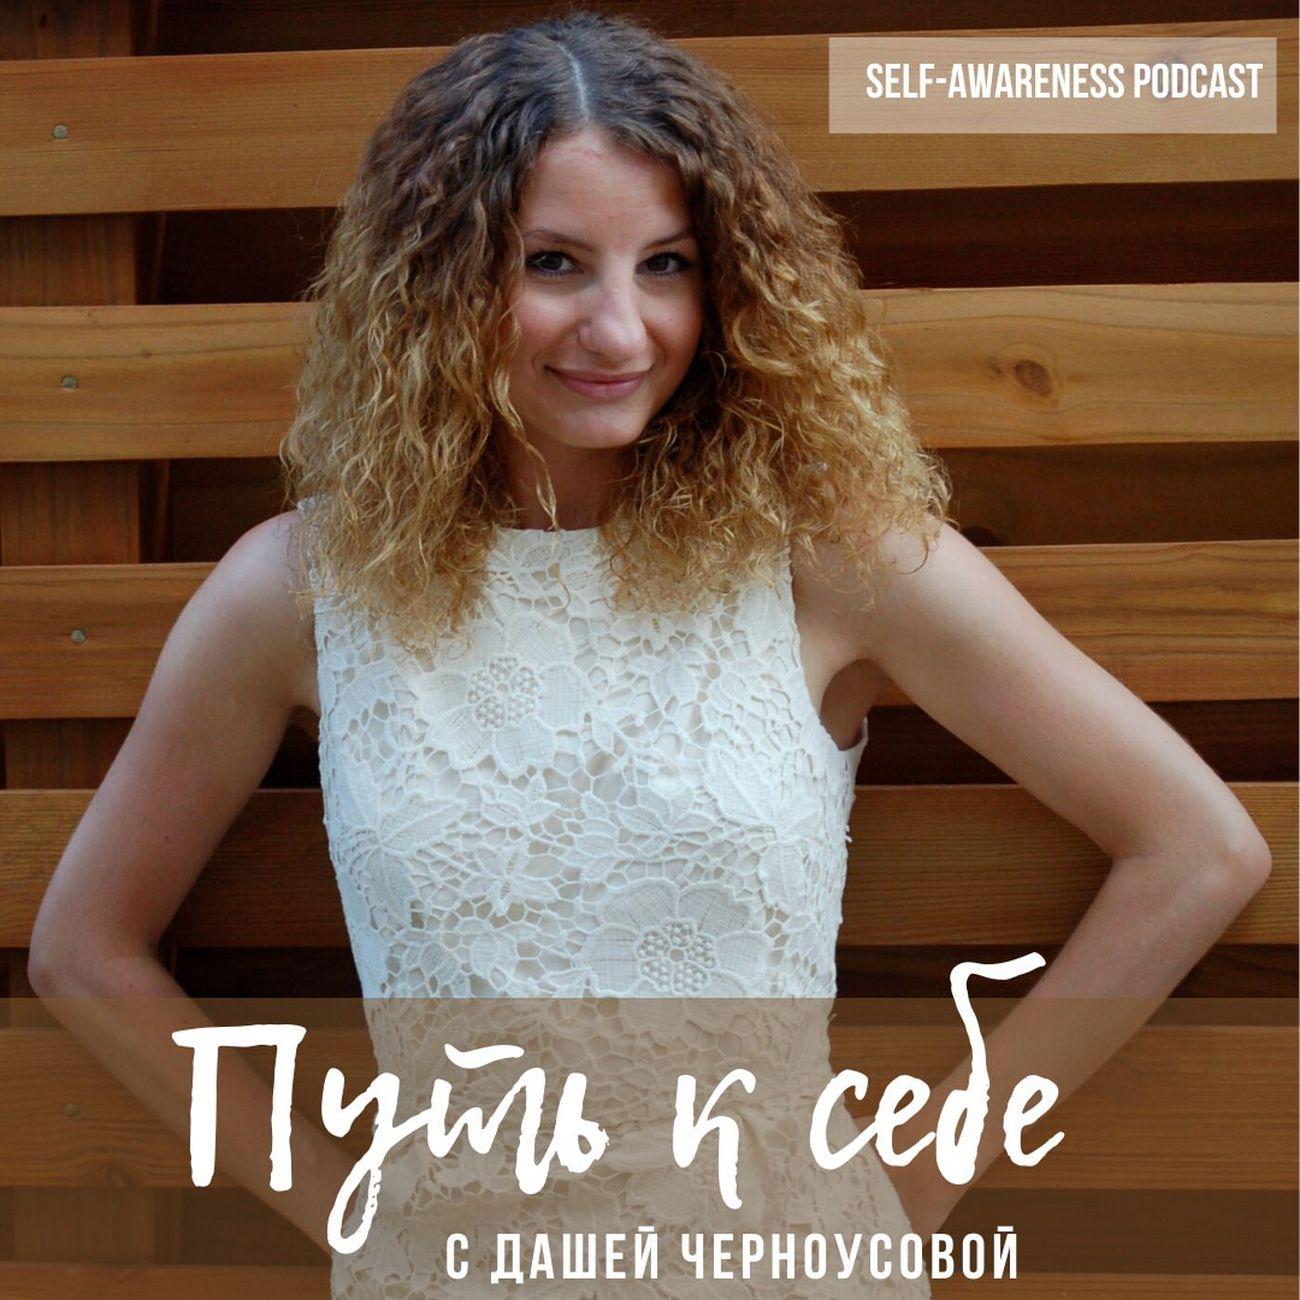 Путь к себе с Дашей Черноусовой